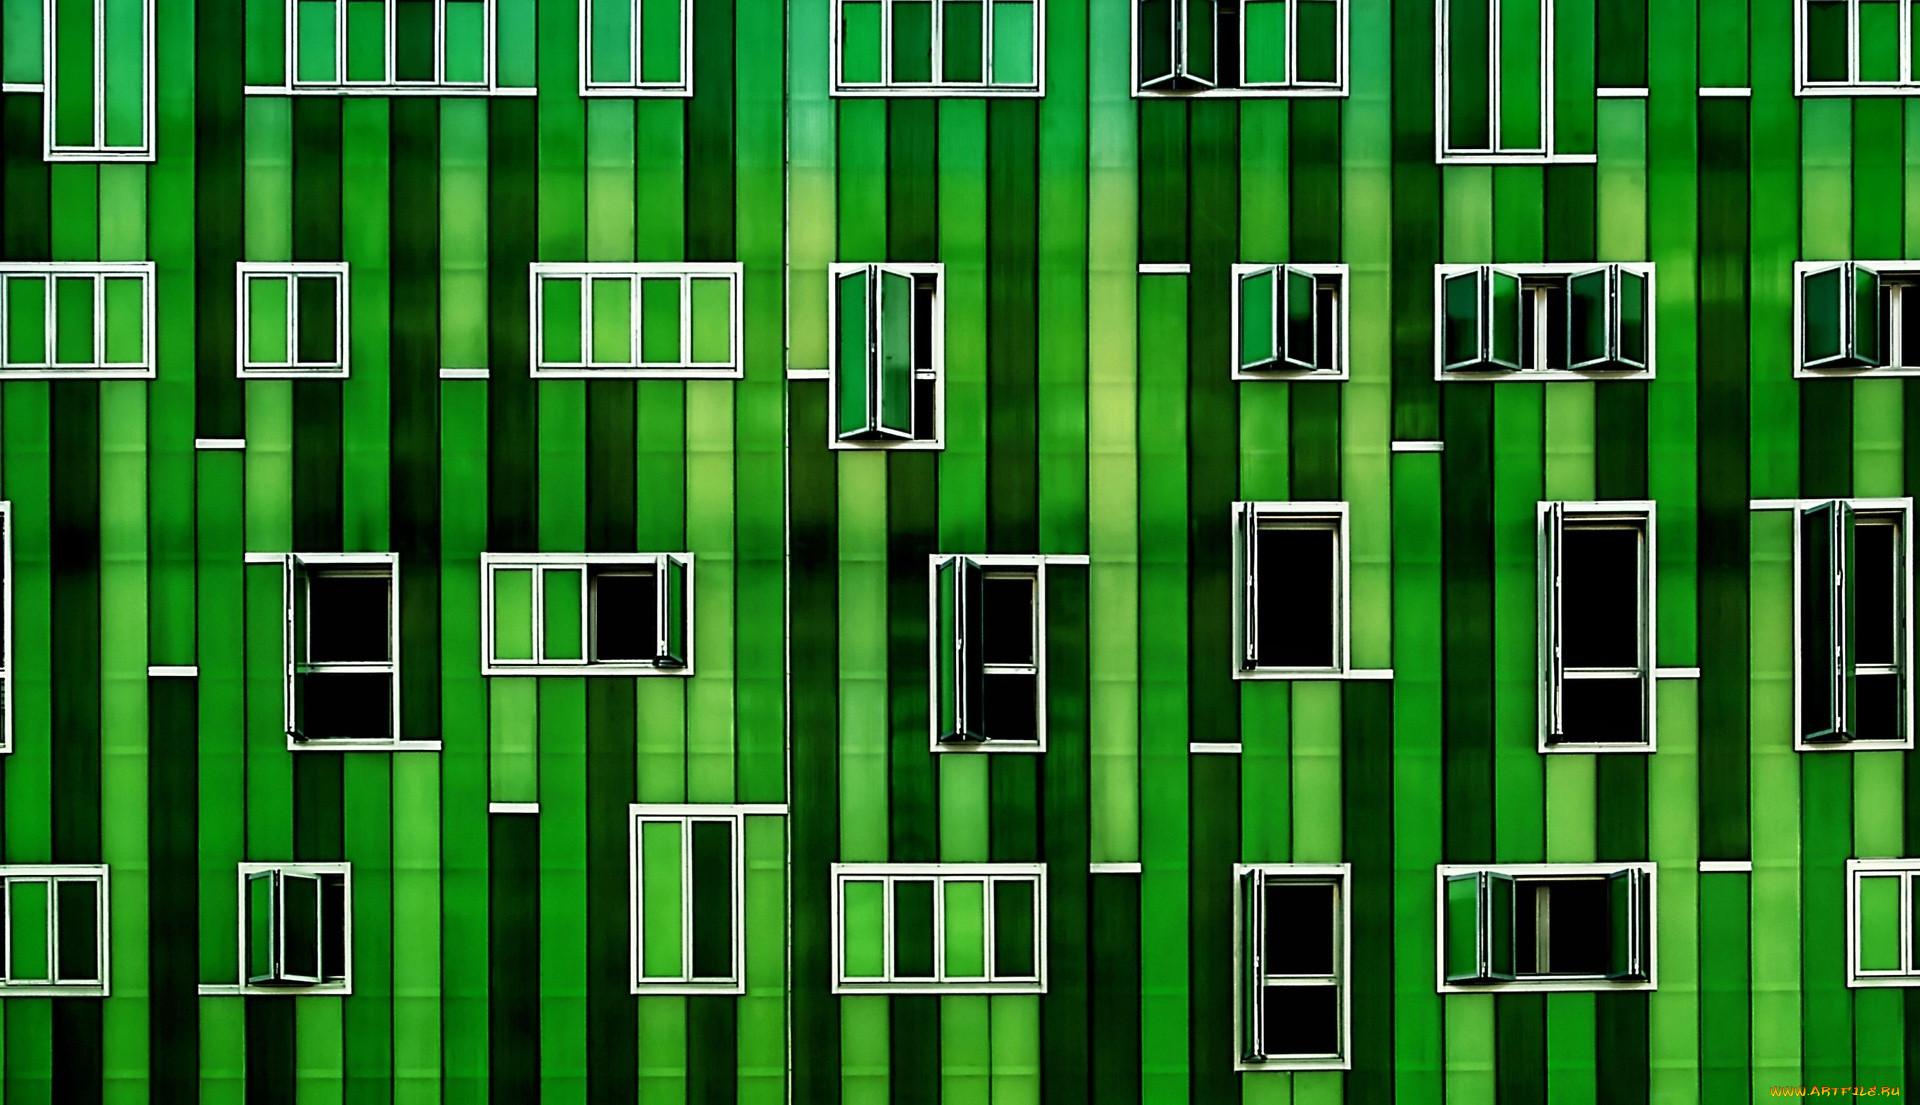 города, - здания,  дома, окна, дом, зеленый